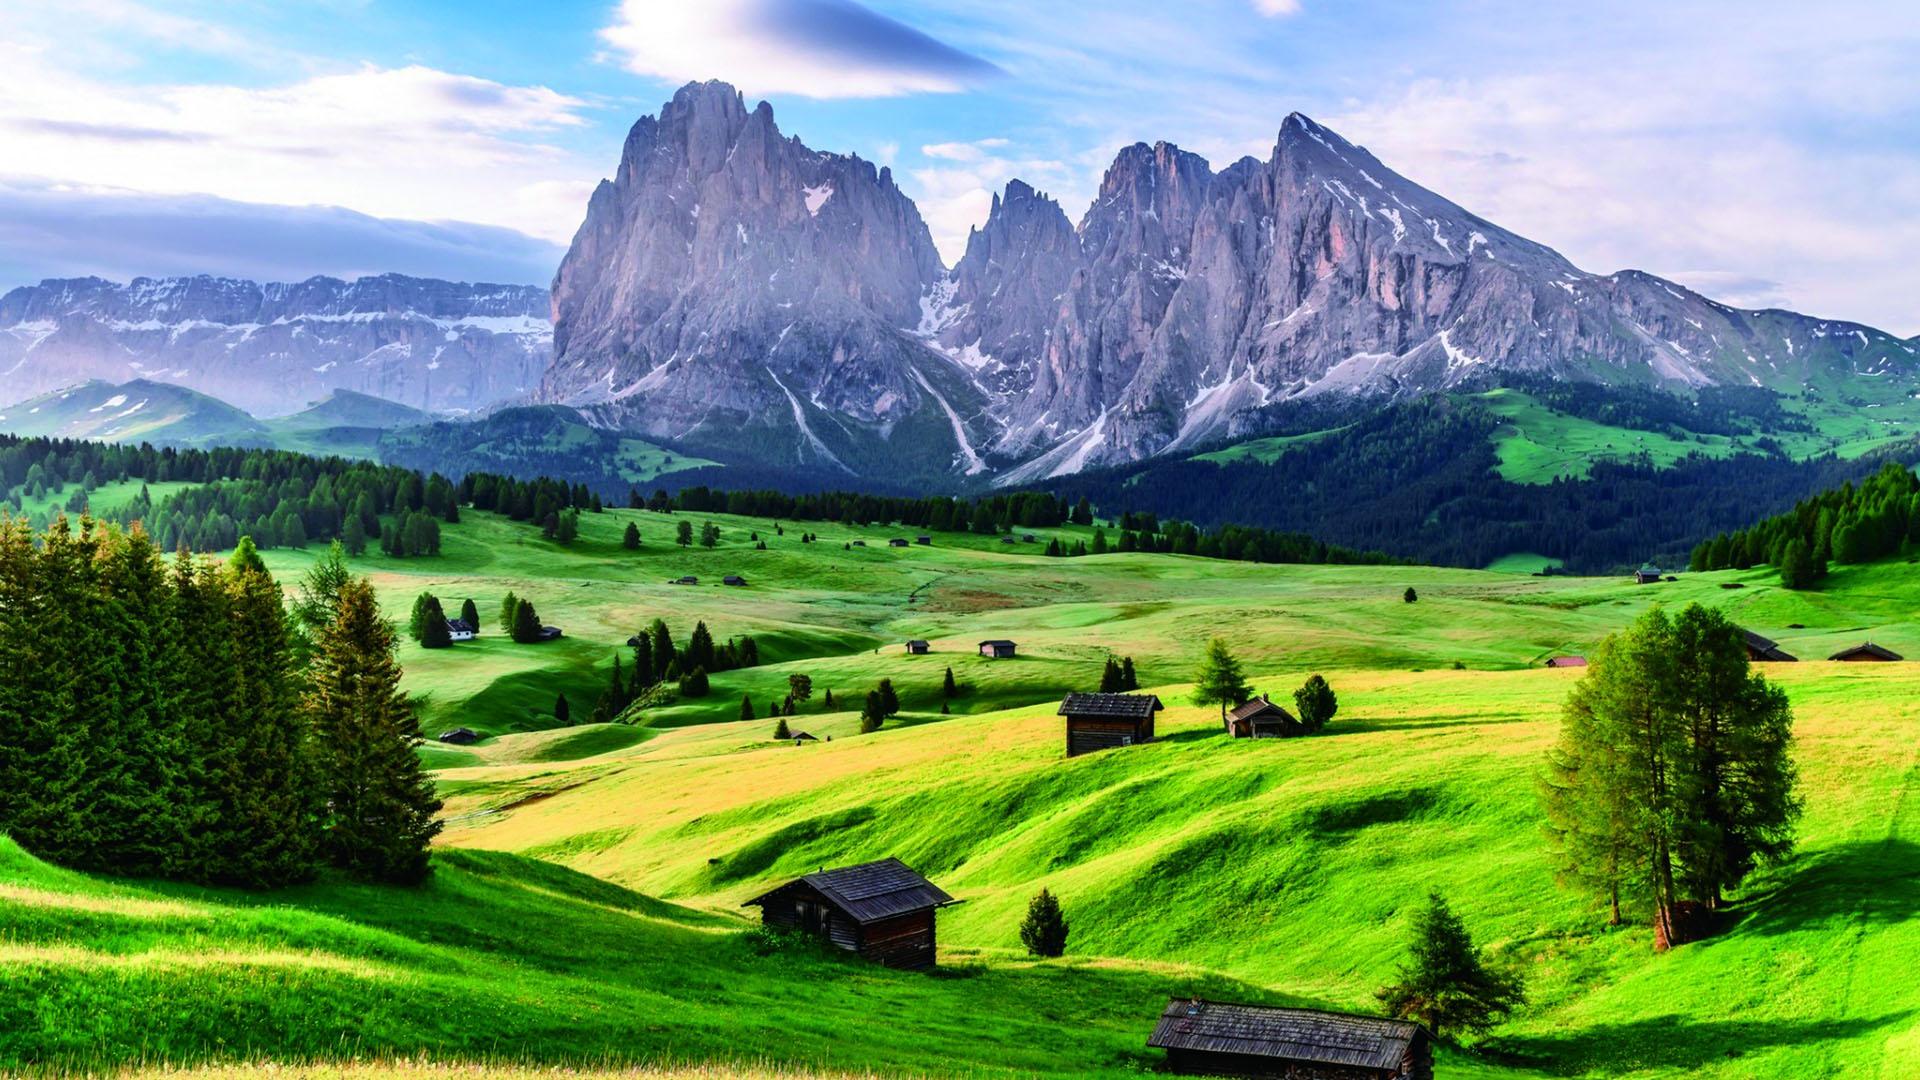 意大利南蒂罗尔—风景图片—美图美秀